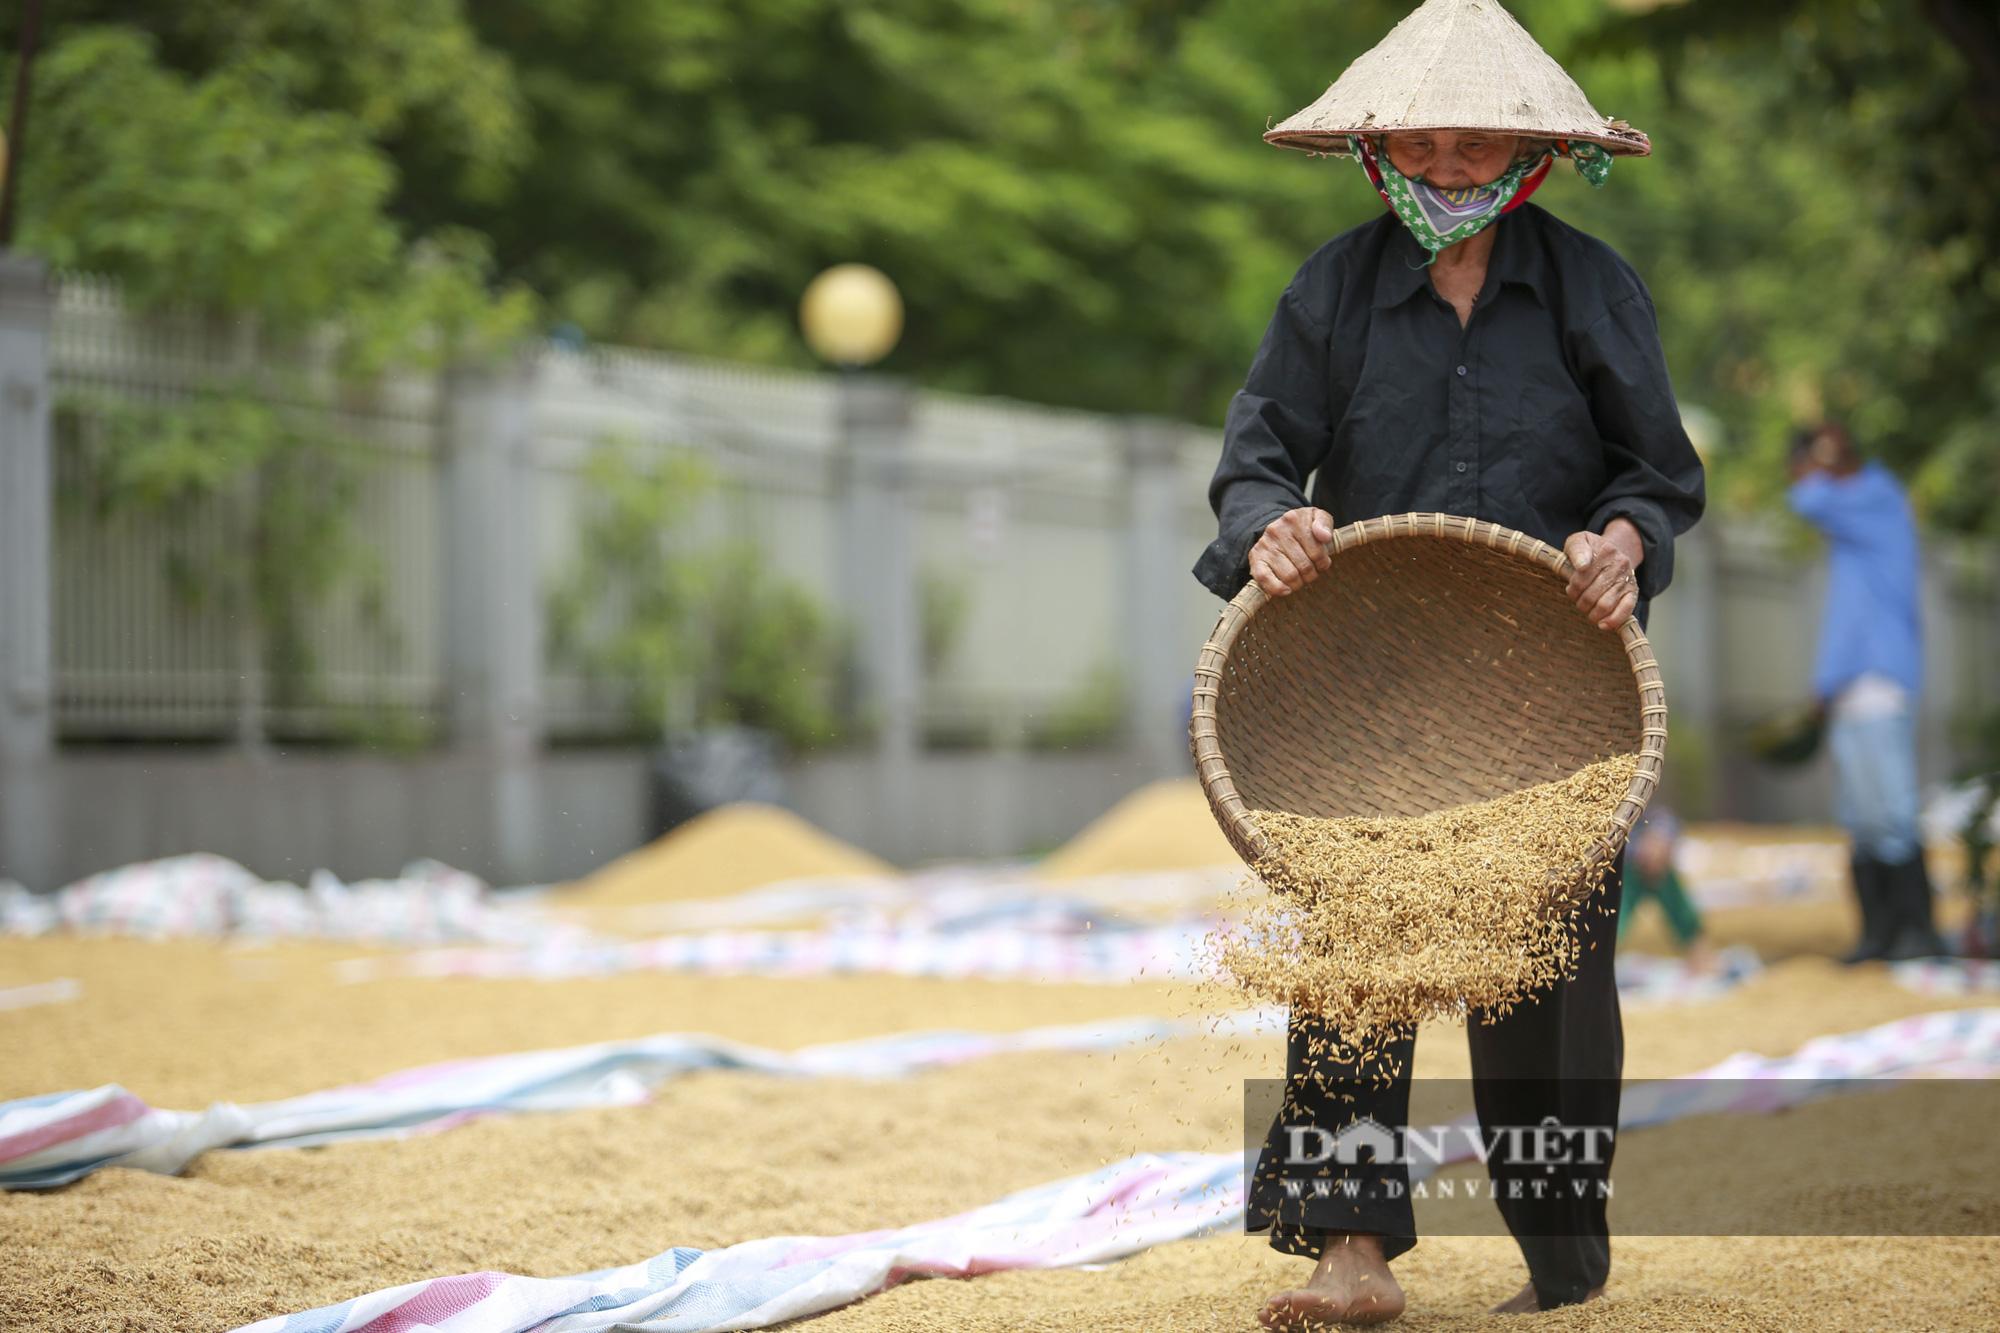 Hà Nội: Nông dân bất lực nhìn lúa mọc mầm vì mưa liên tiếp - Ảnh 5.